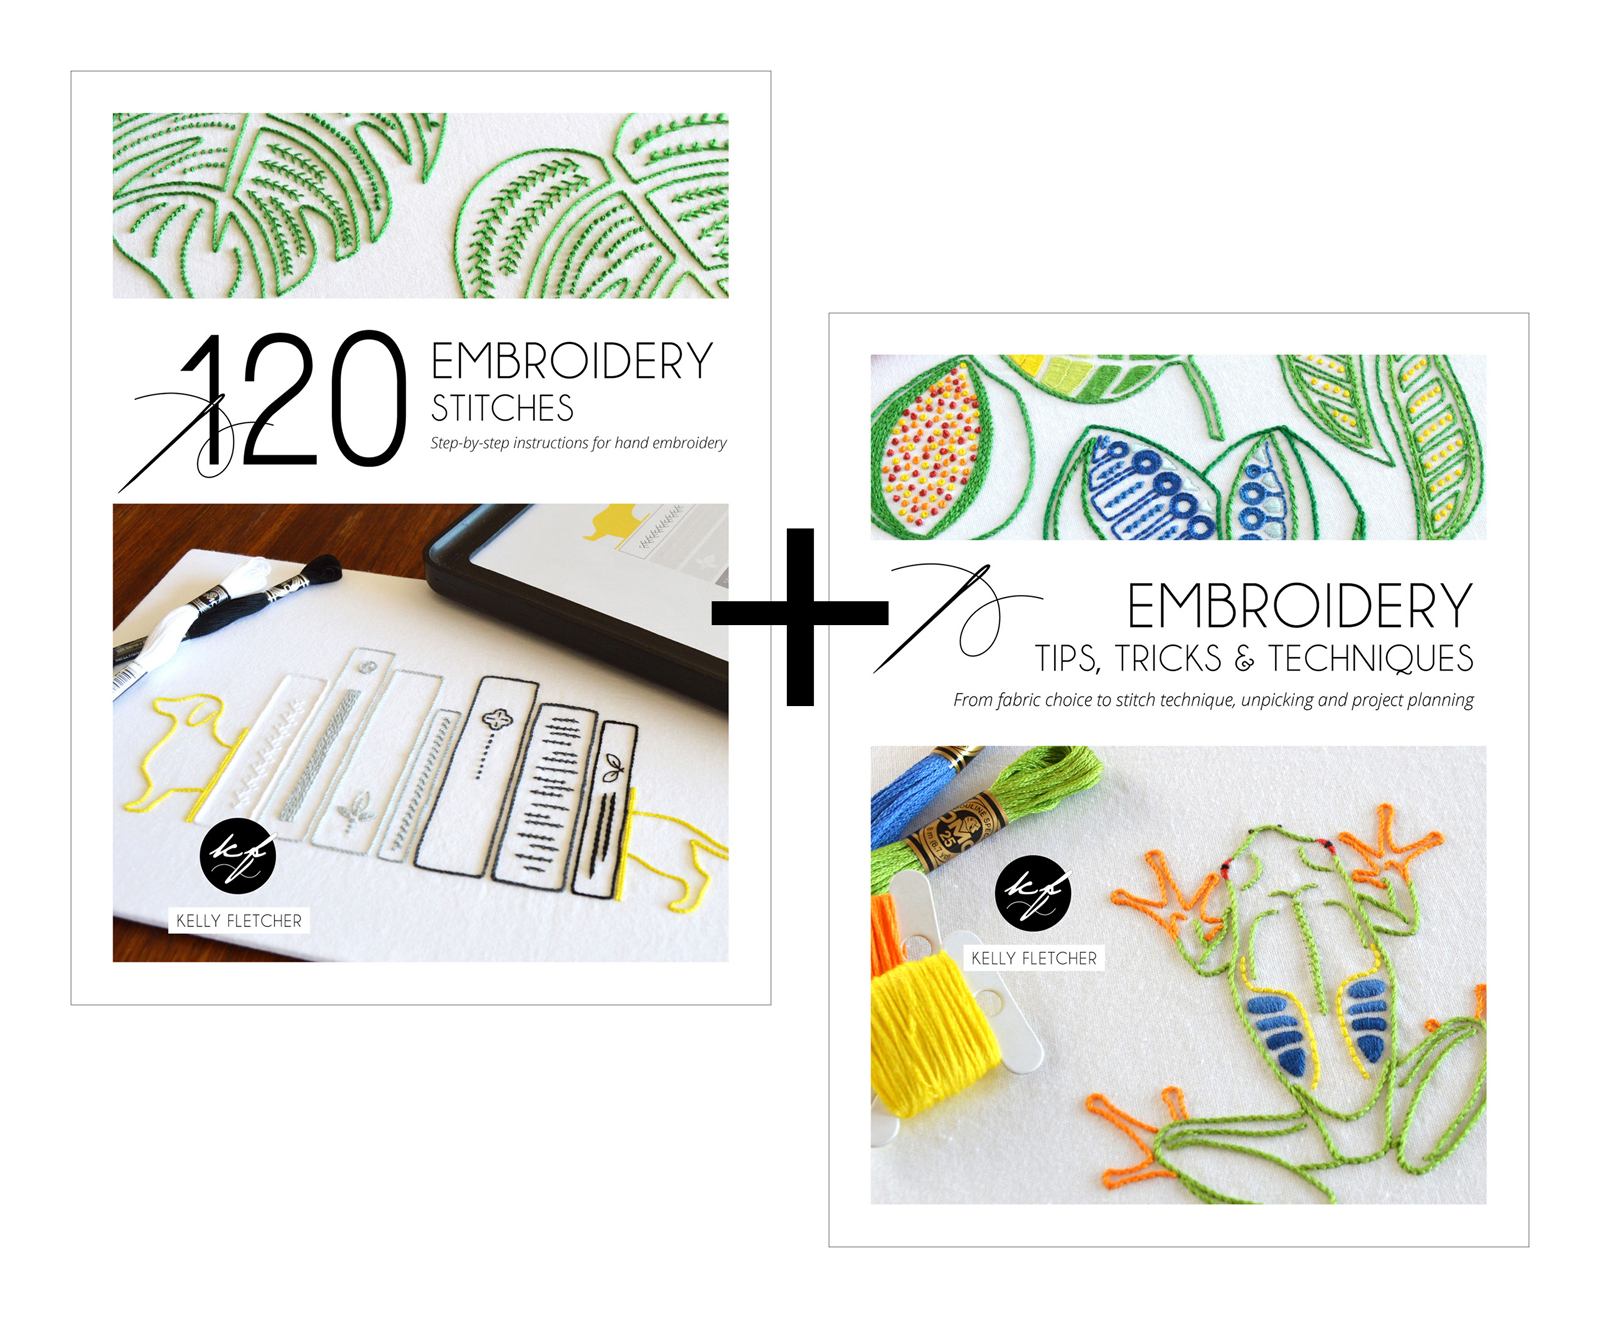 120EmbroideryStitches_EmbroideryTipsTricksTechniquesET_KellyFletcher.jpg